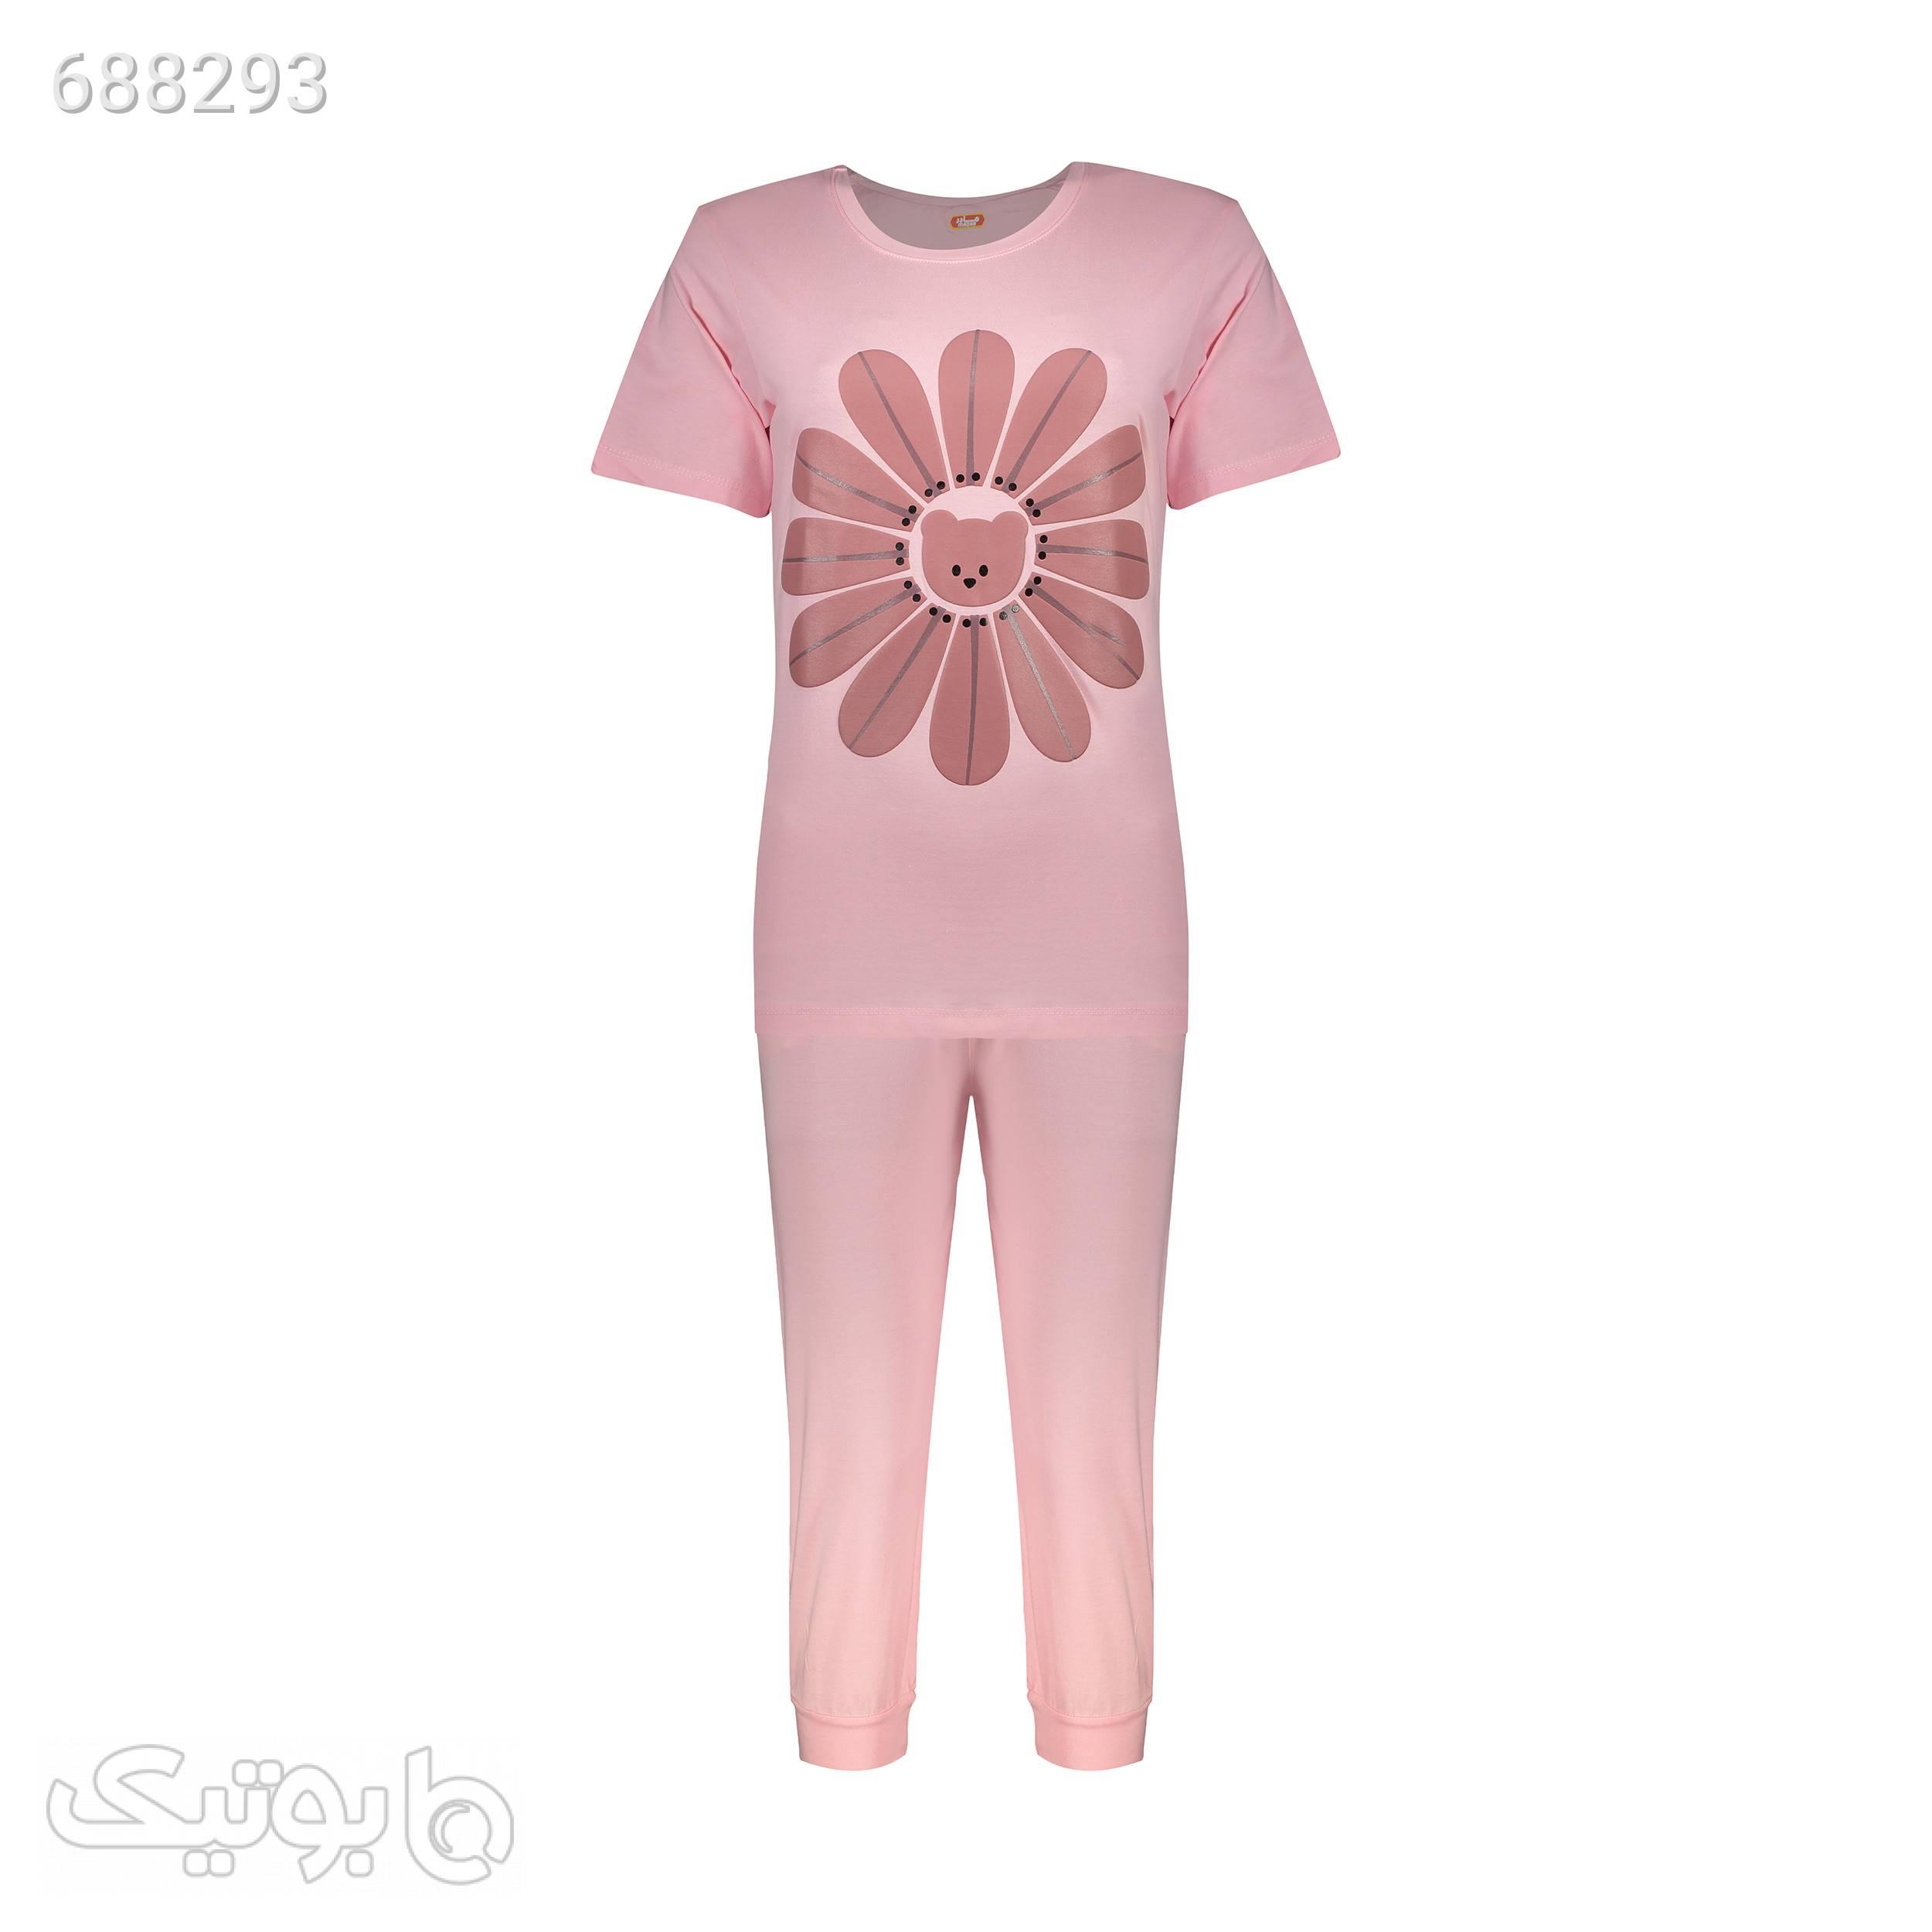 ست تی شرت و شلوارک راحتی زنانه مادر مدل 204110184 صورتی لباس راحتی زنانه